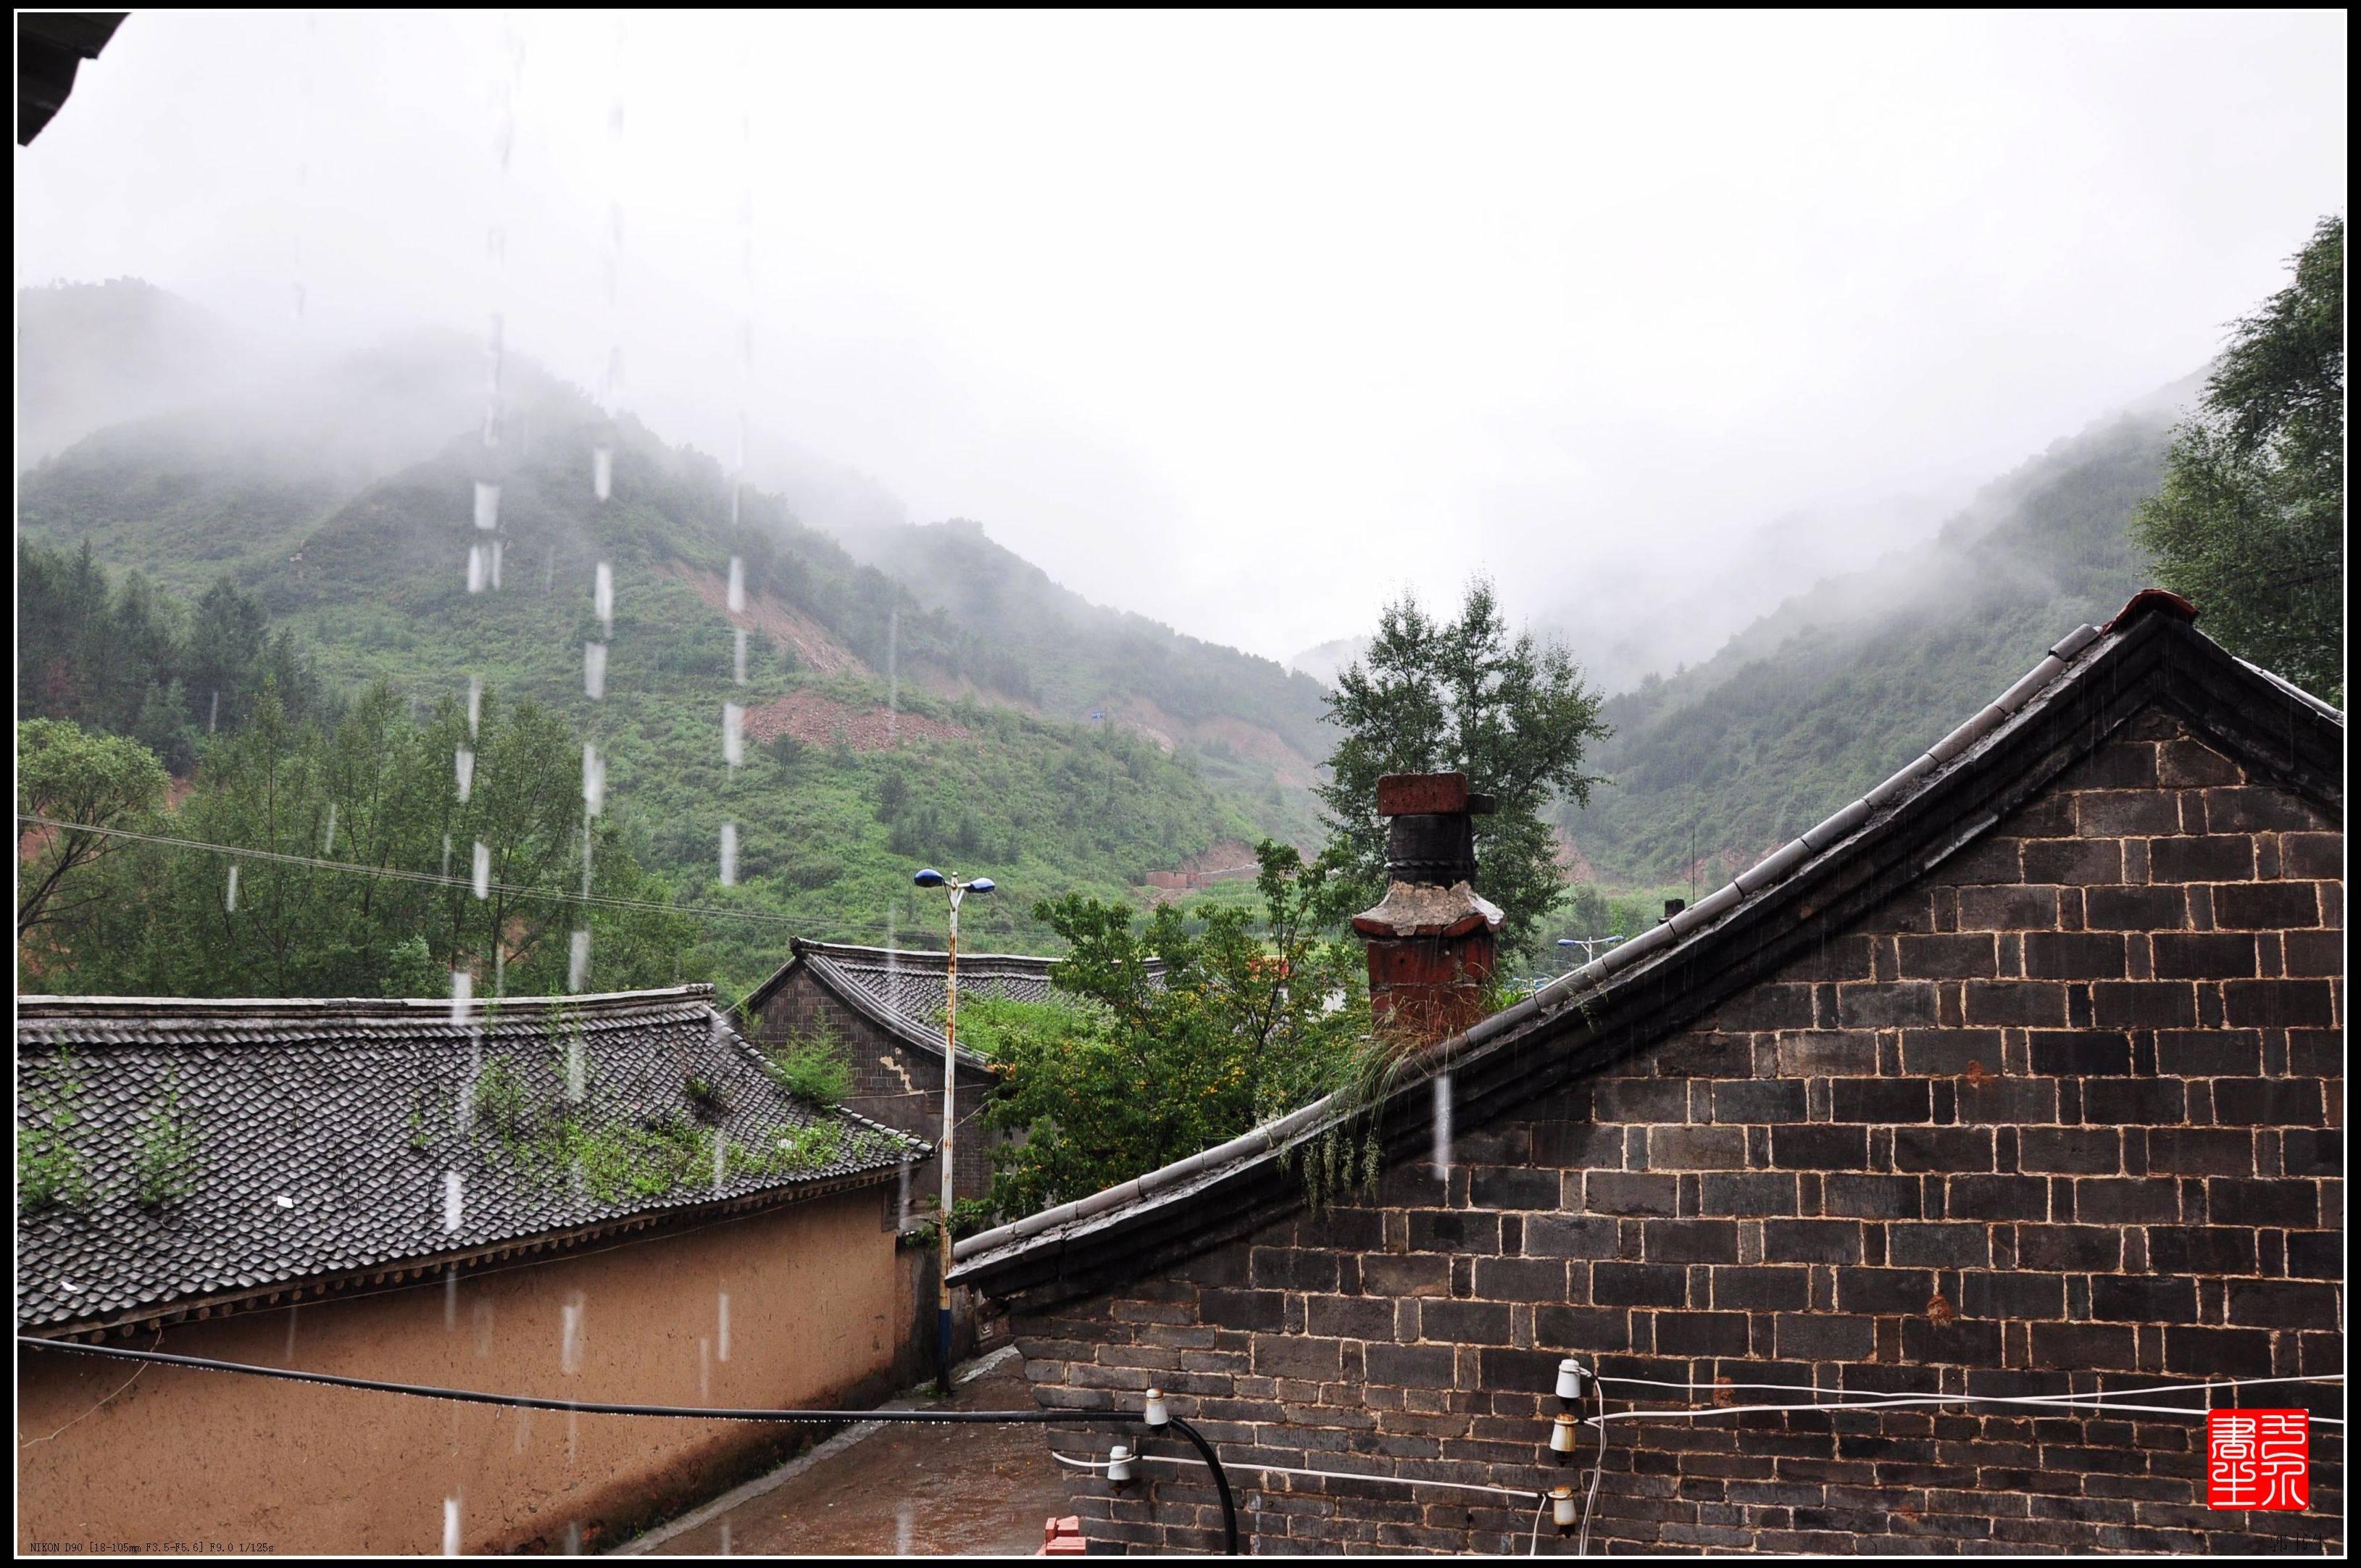 驼梁黄土台,暴雨洗礼中的小山村《百村写真》  第4张